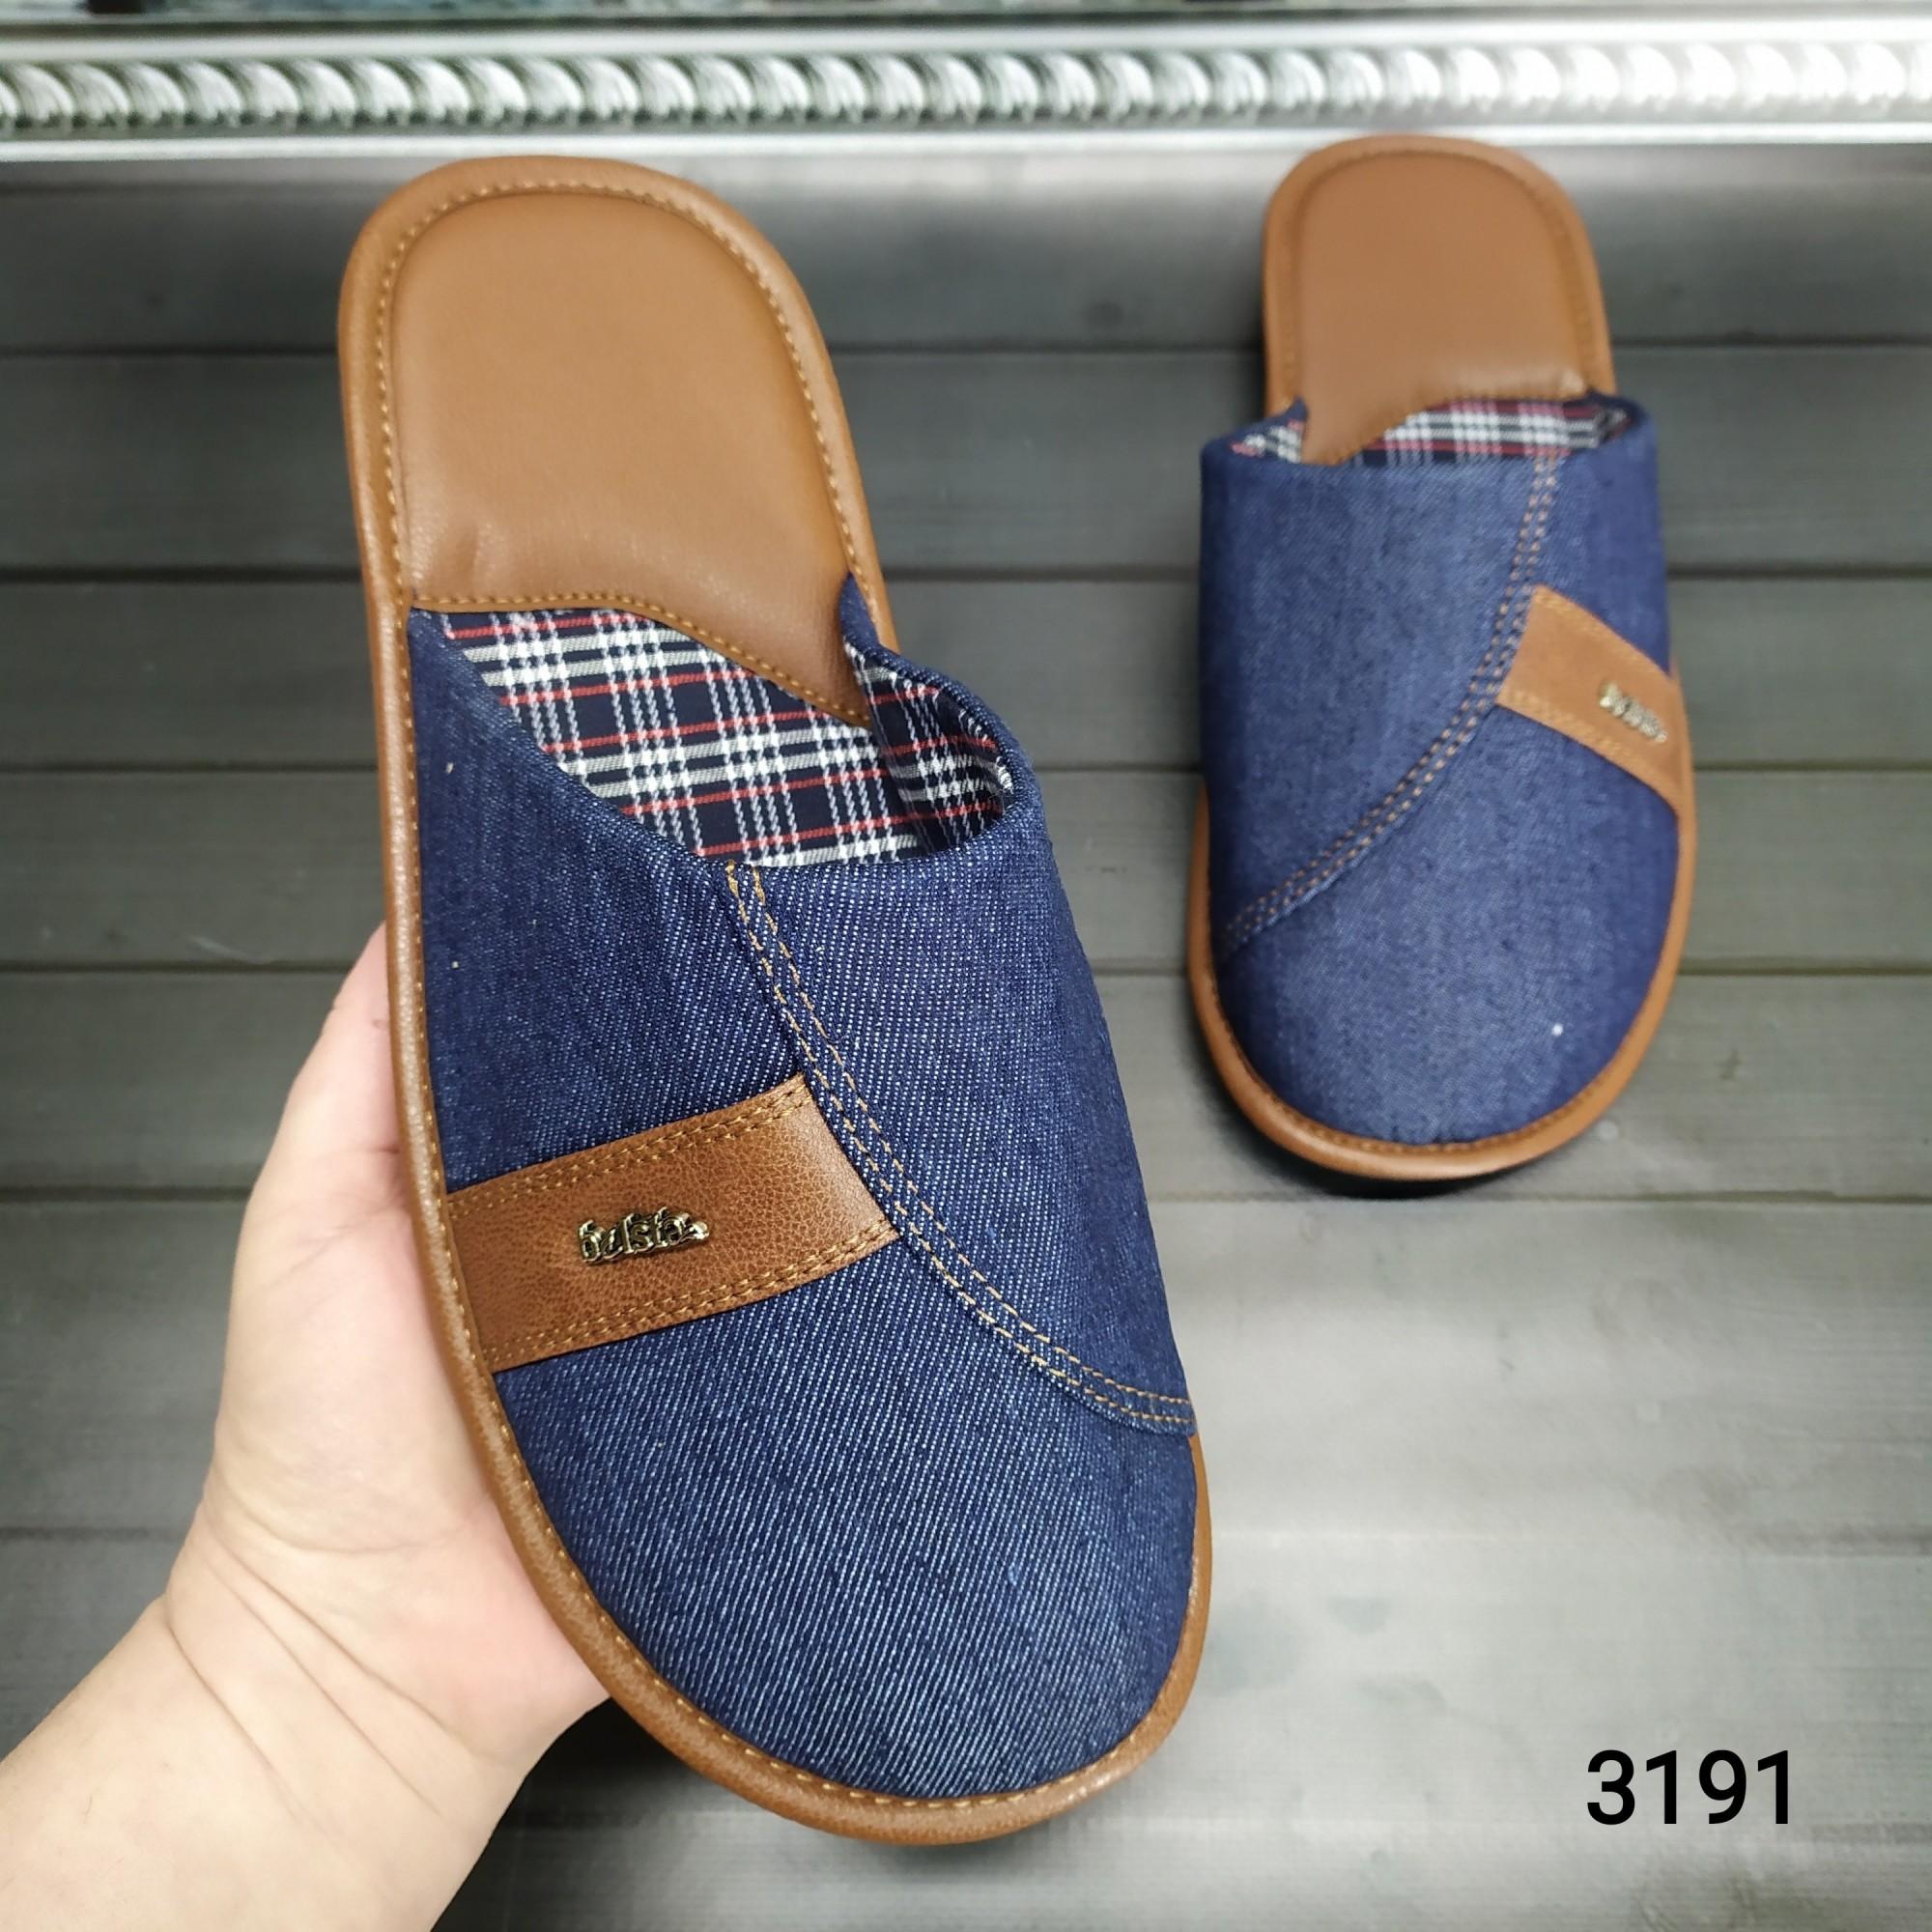 Тапочки мужские домашние Белста синие под джинс закрытые 45р (29,2 см)